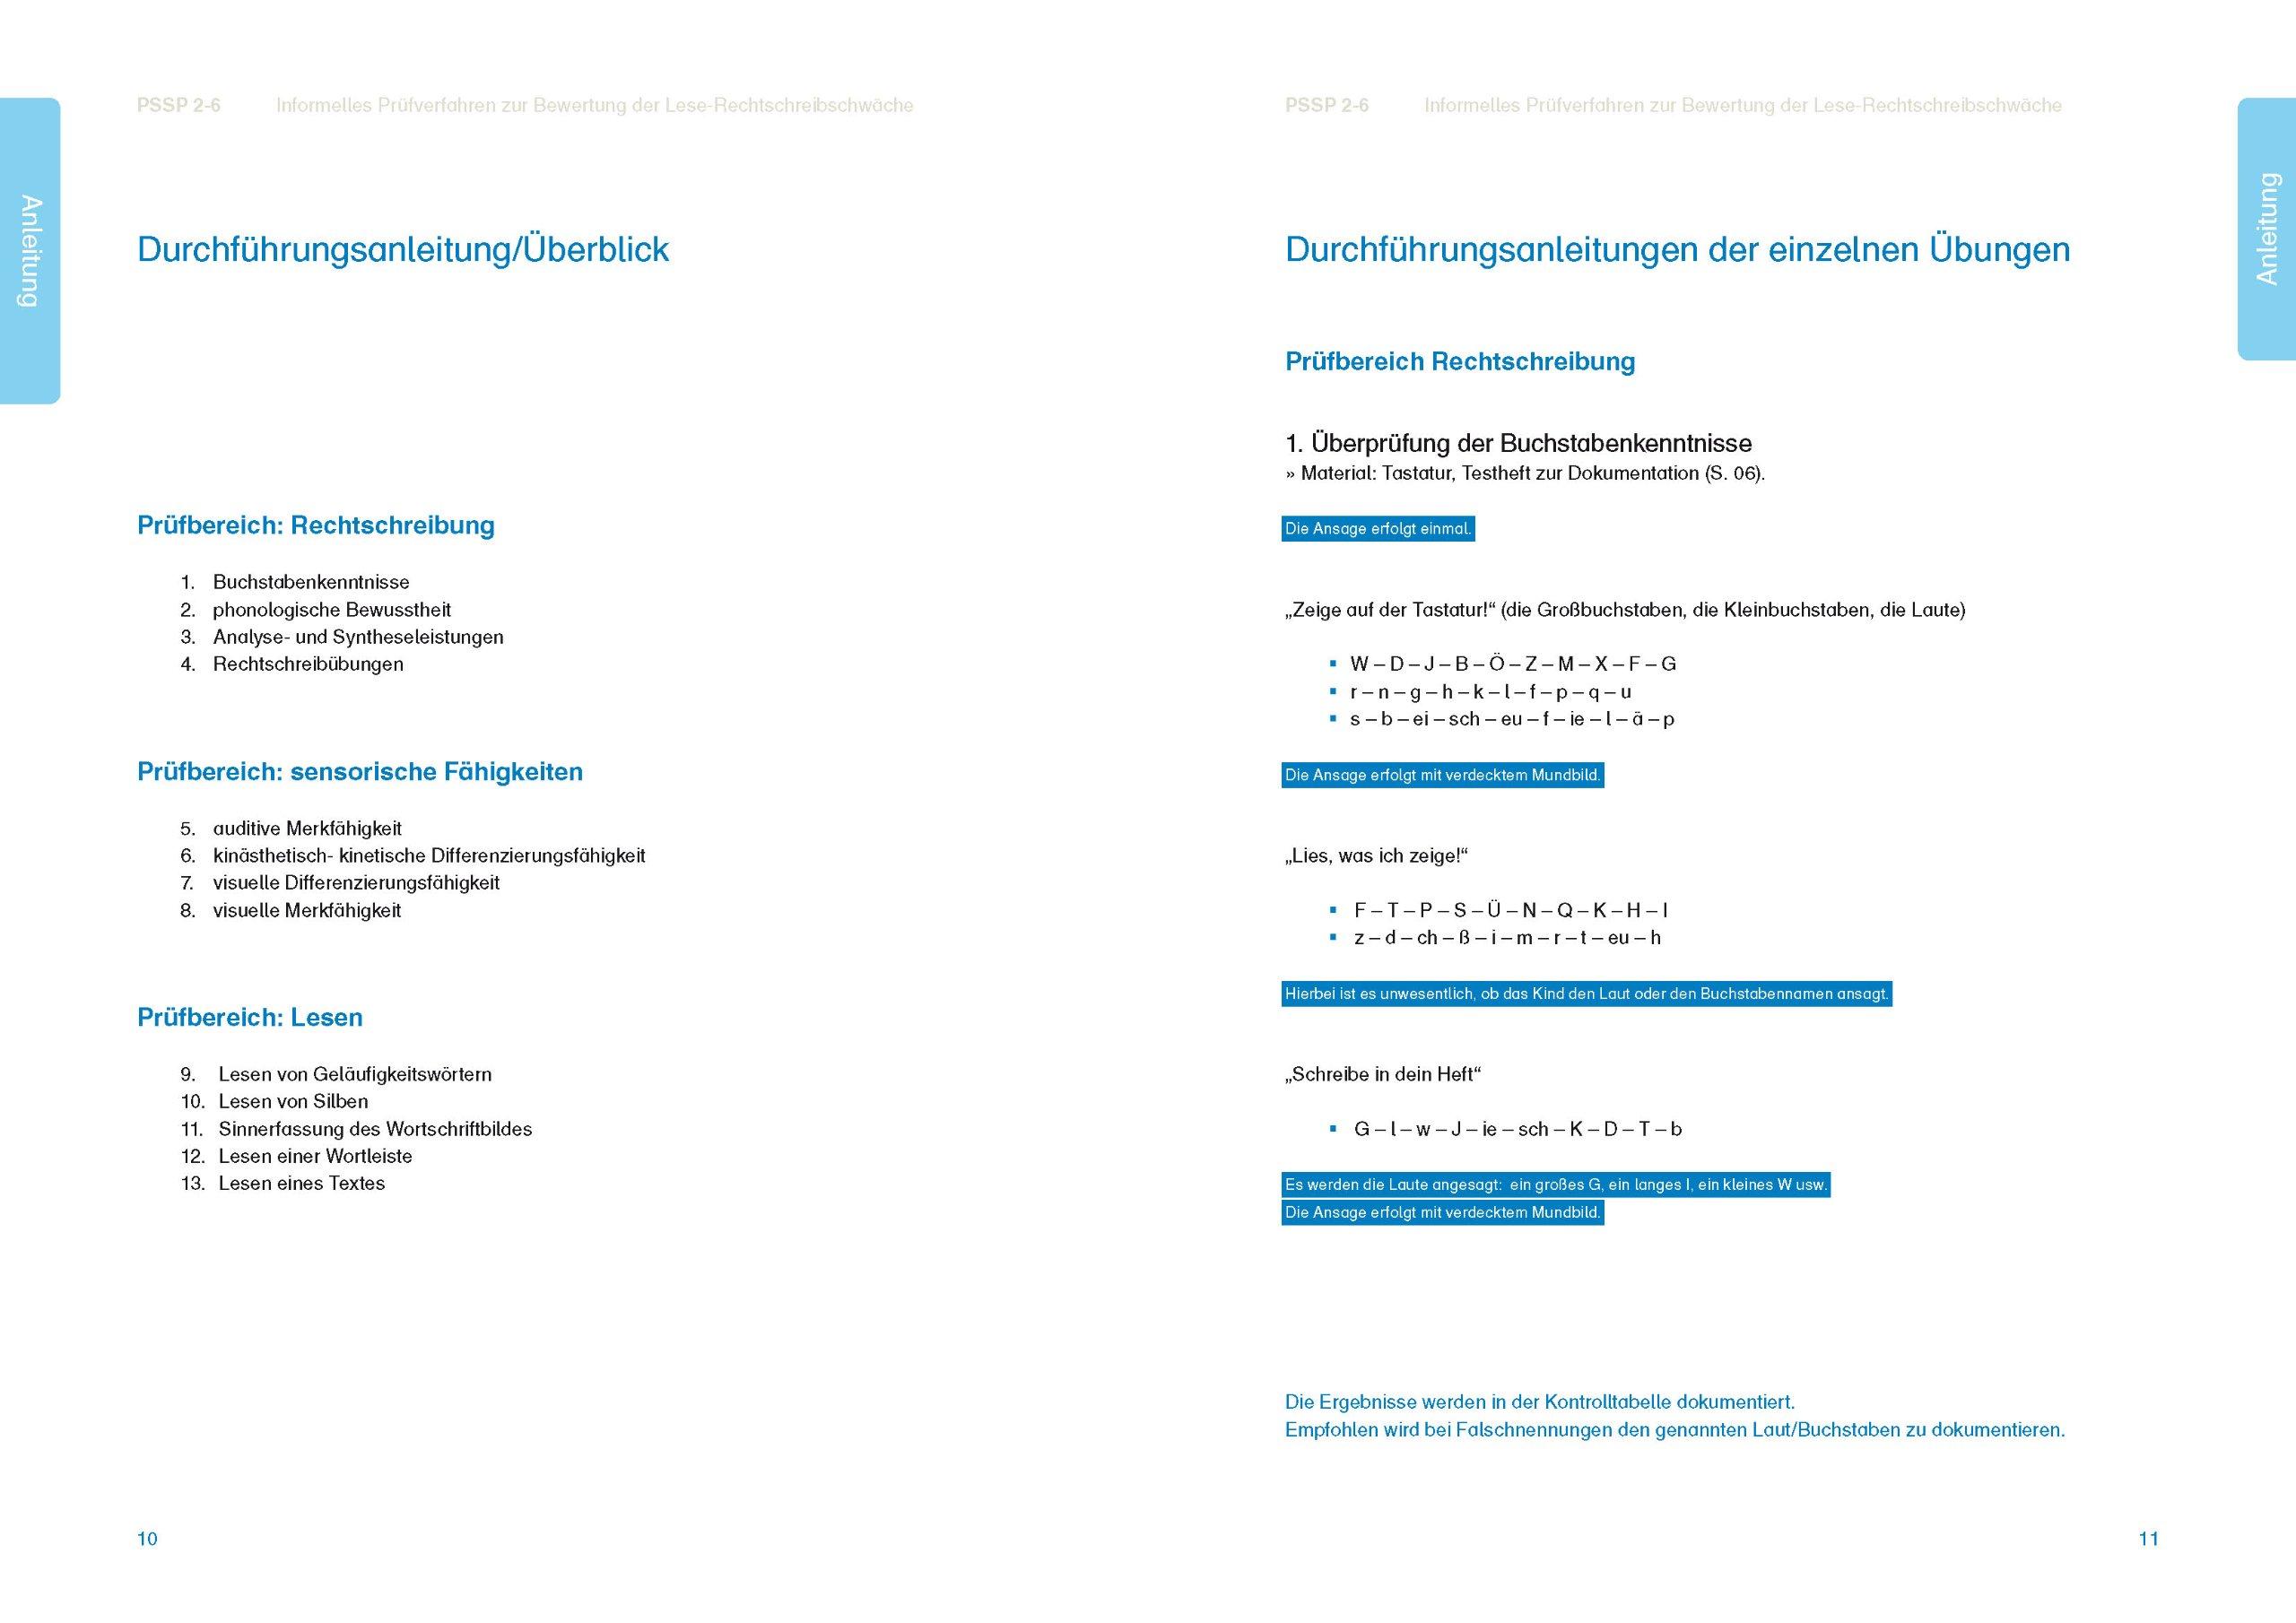 Großzügig Spirale überprüfung Mathe Arbeitsblatt Bilder - Gemischte ...